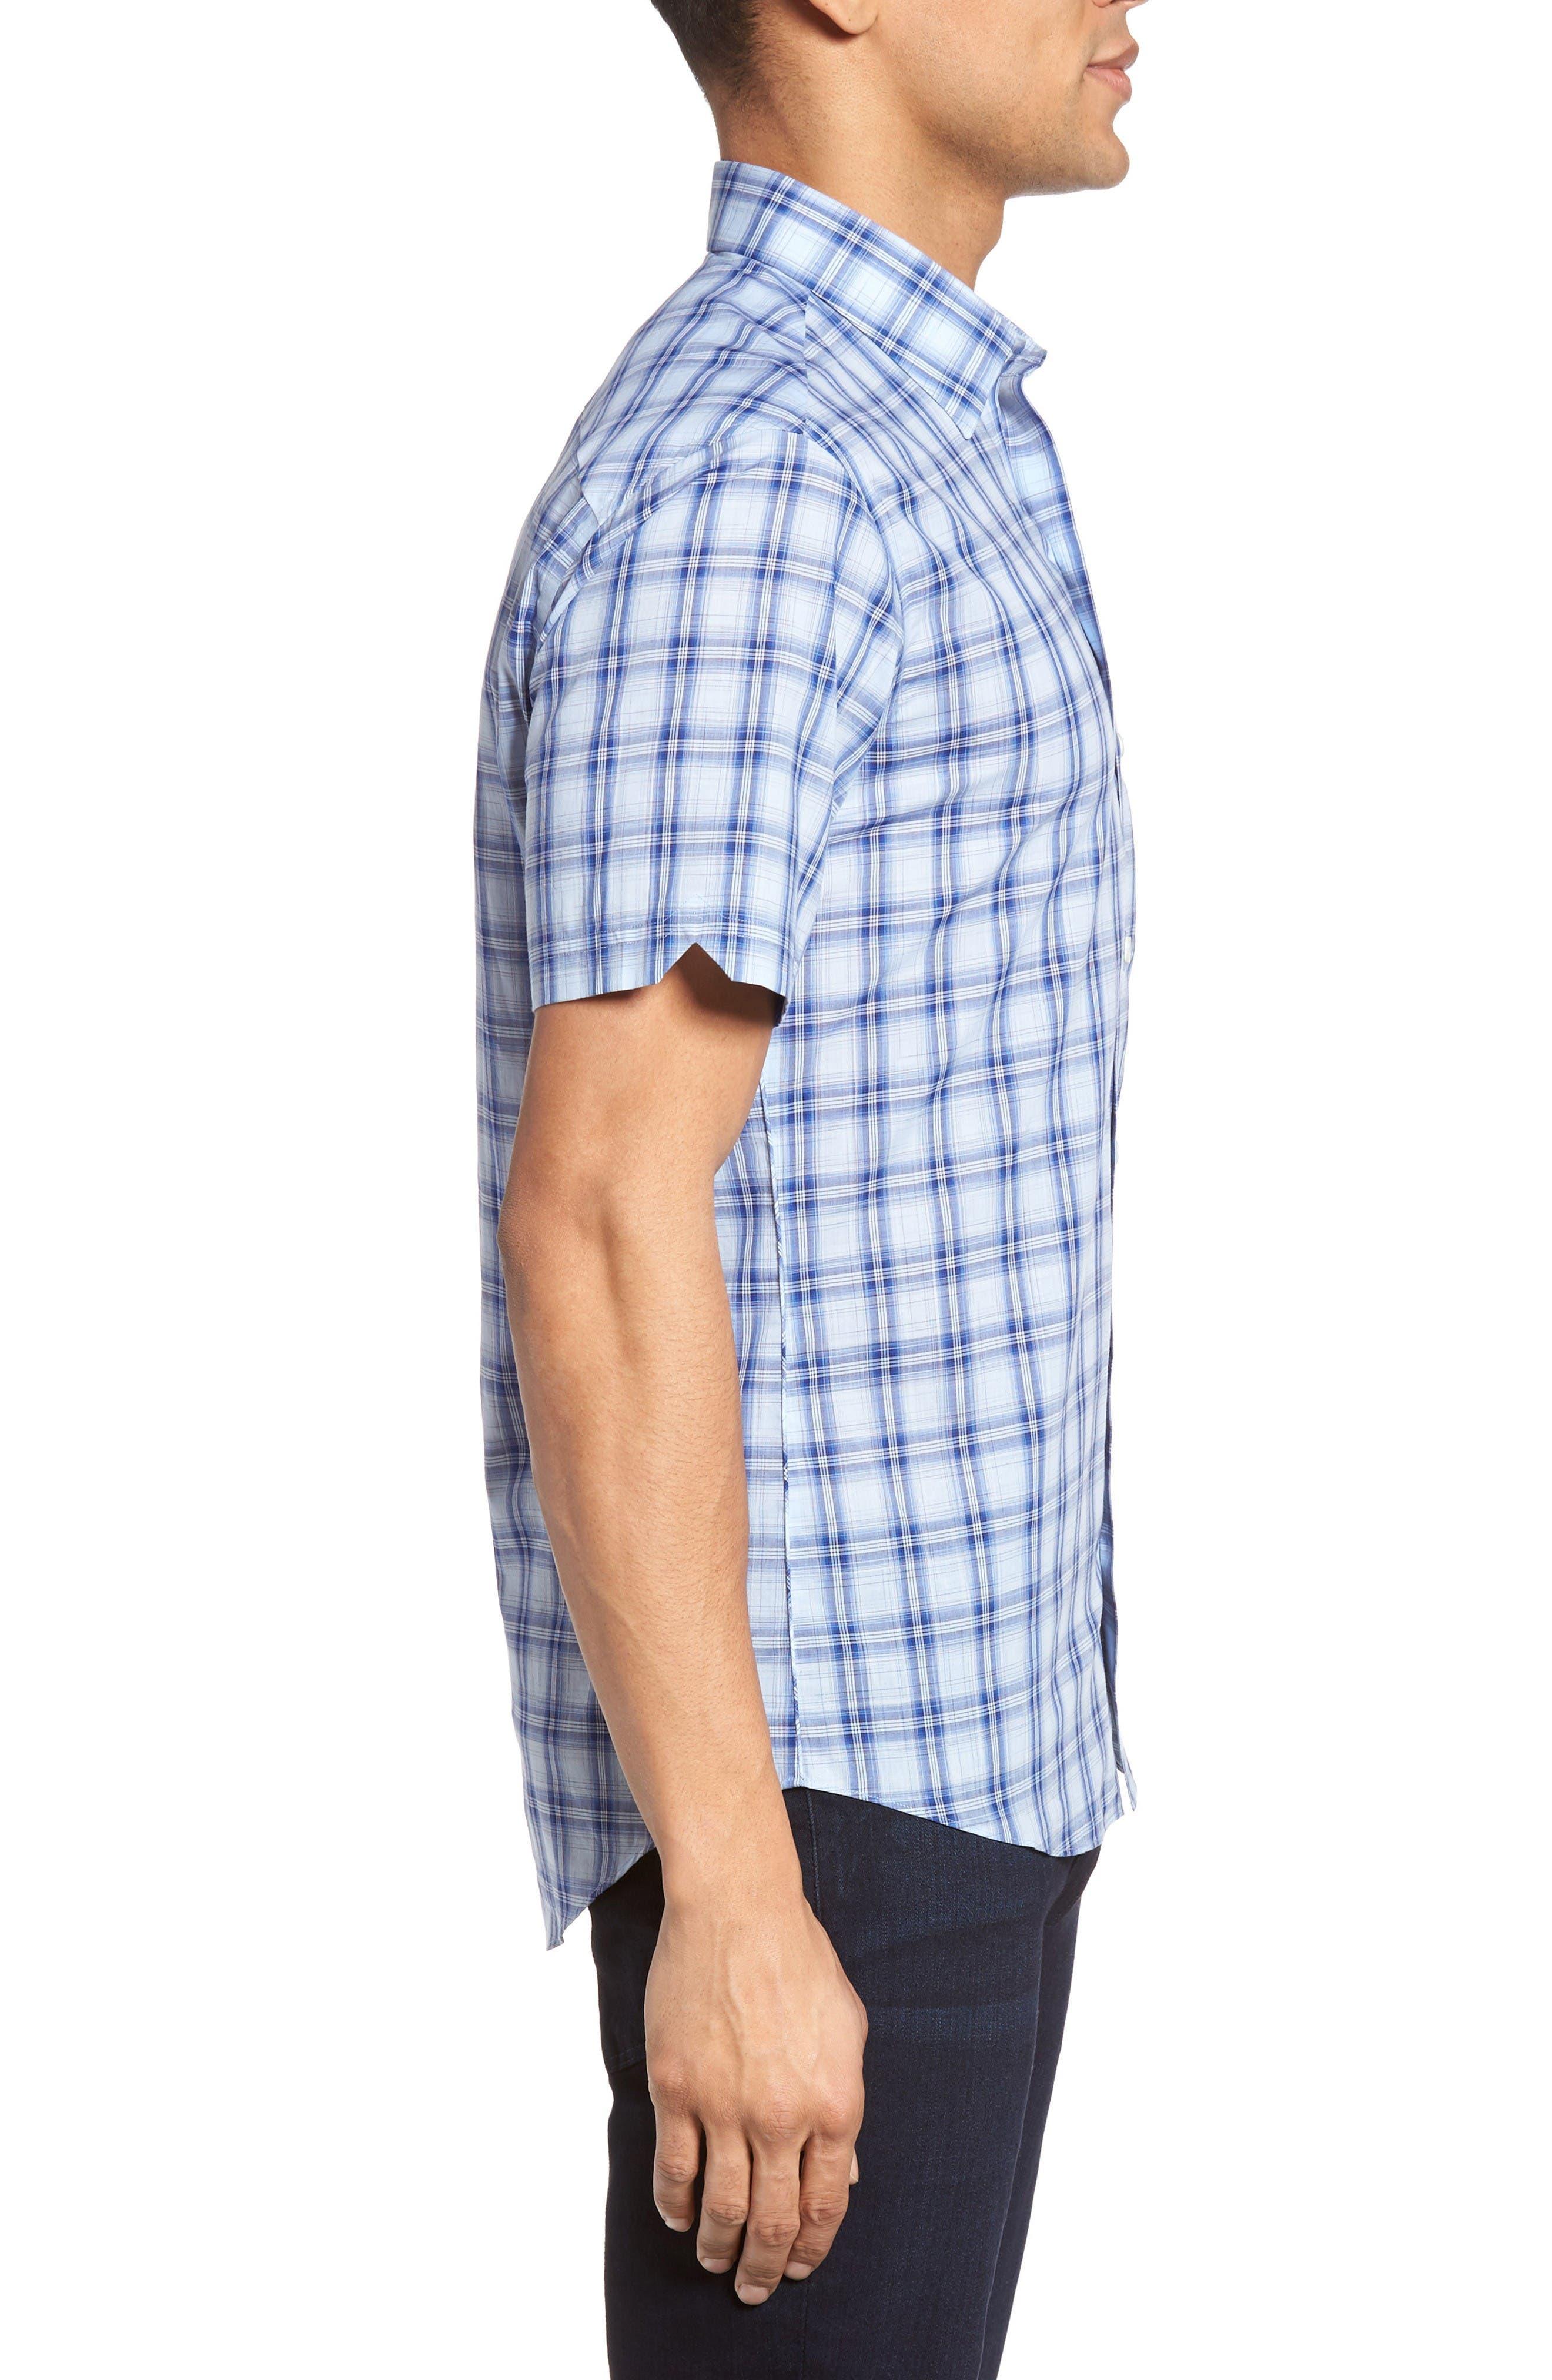 Hwang Trim Fit Plaid Sport Shirt,                             Alternate thumbnail 3, color,                             Pale Blue